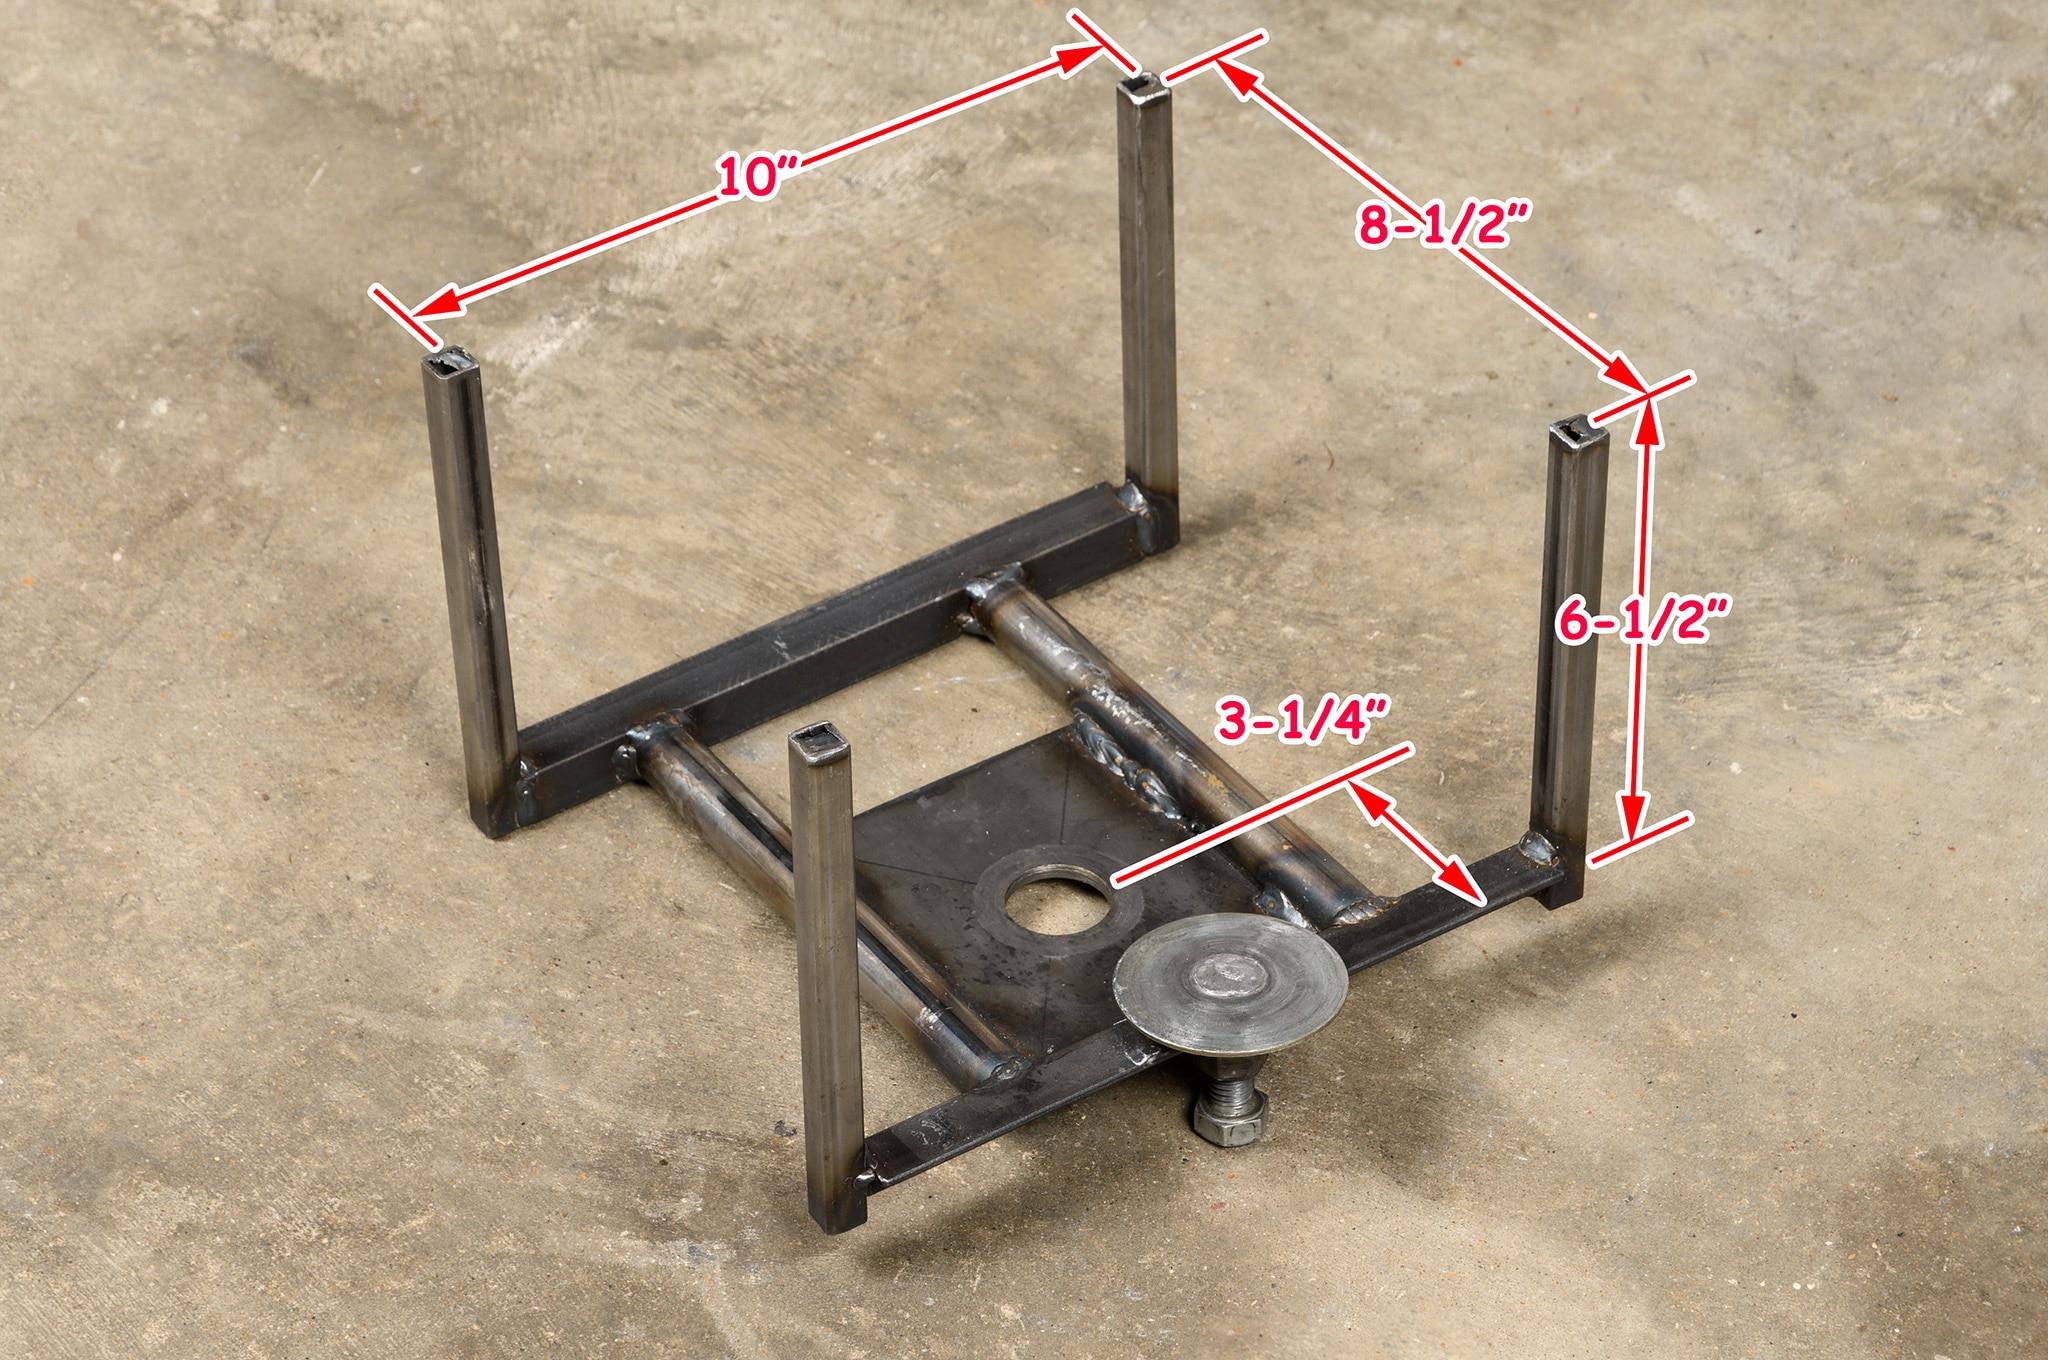 003 Transmission Cradle Floor Jack Homemade Dimensions